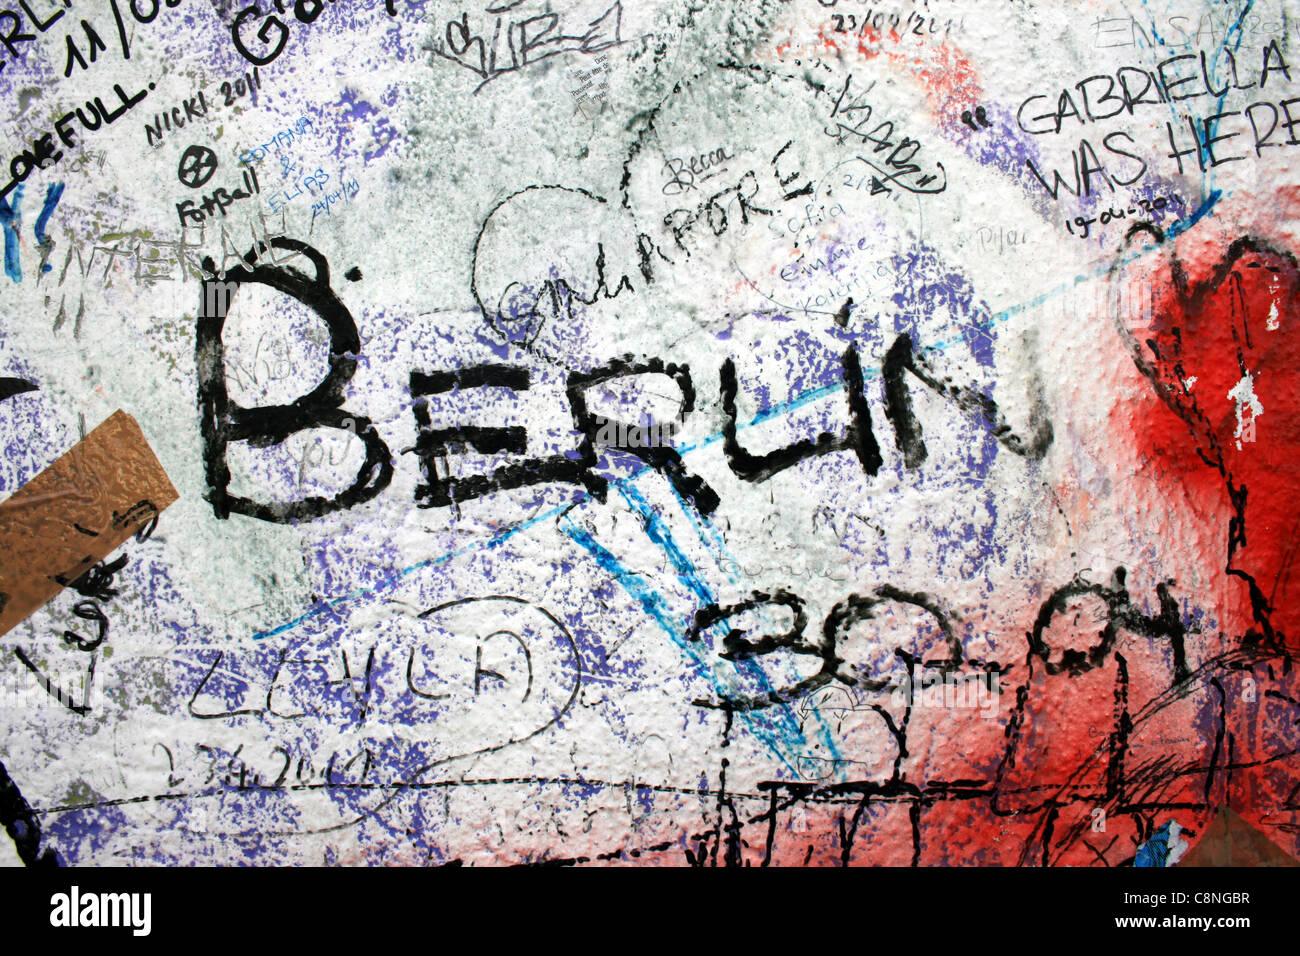 Un graffiti sur le mur de Berlin. Photo Stock